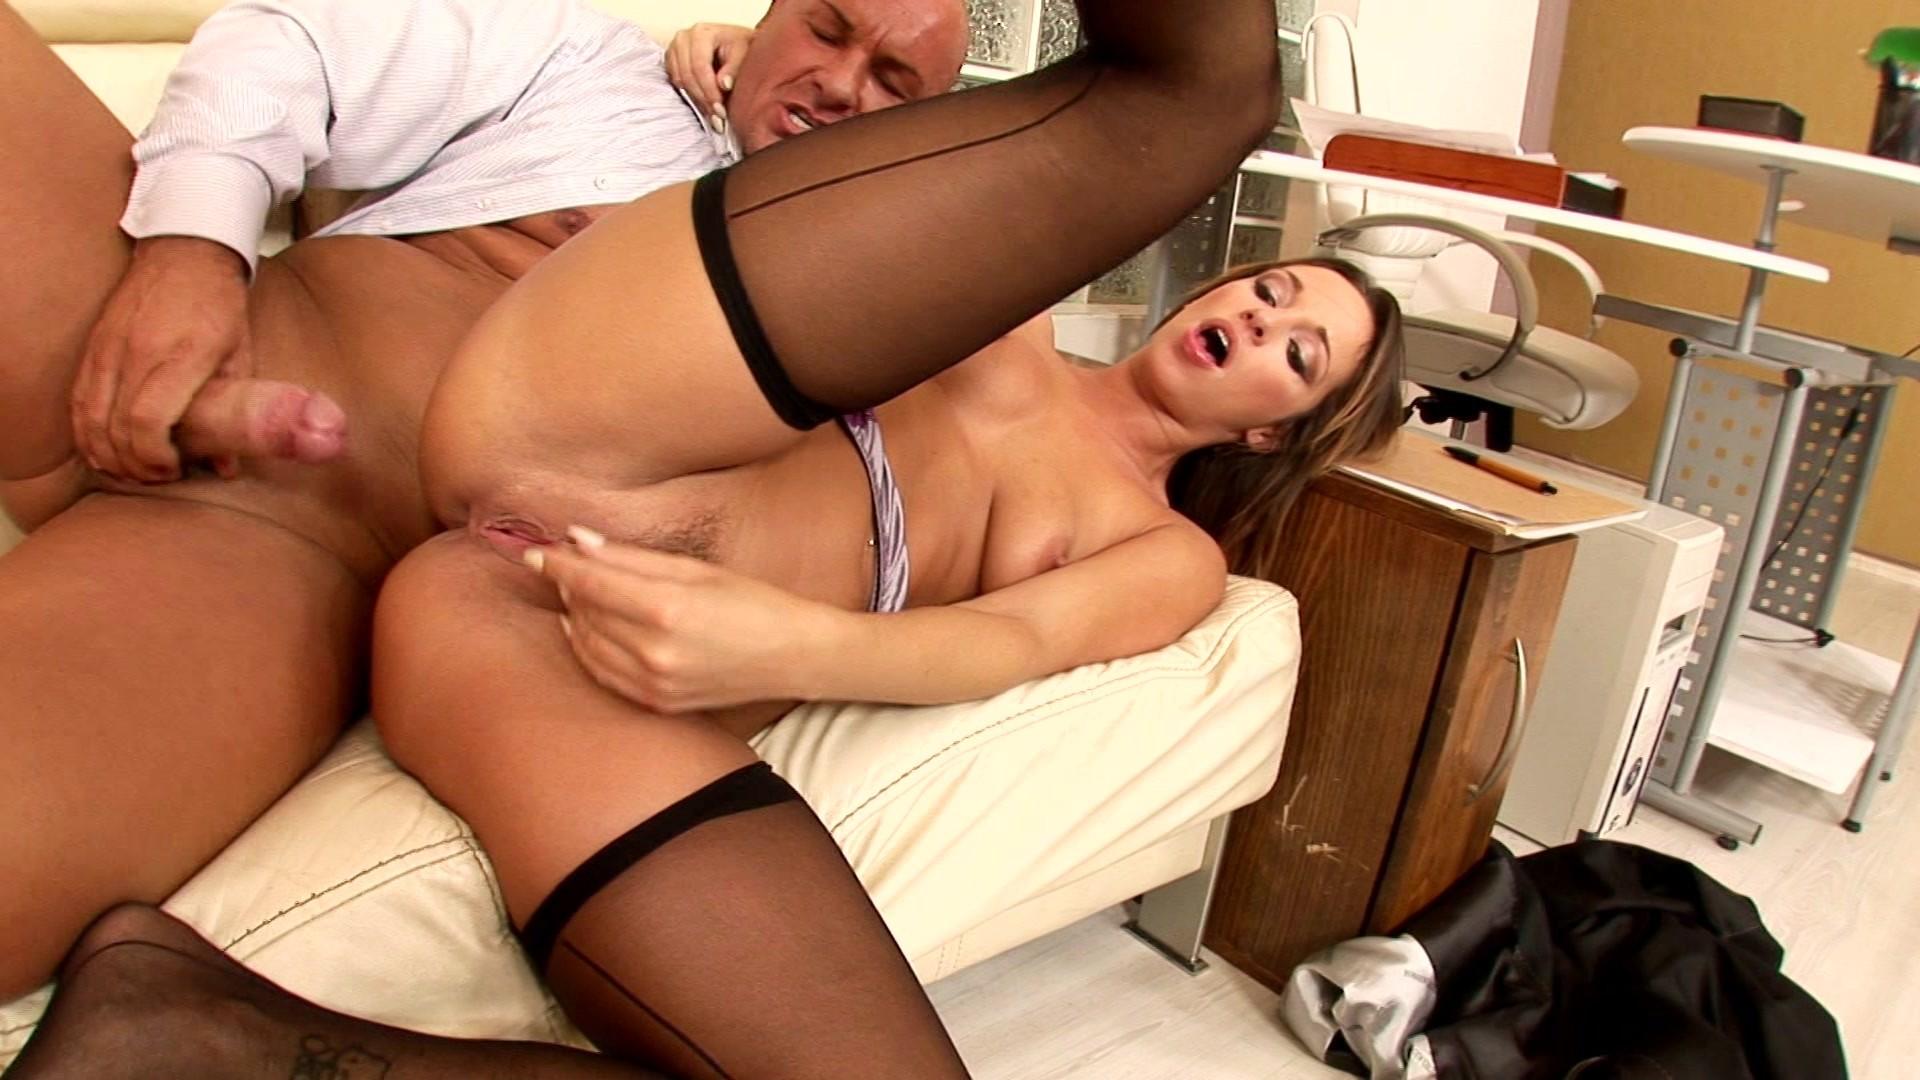 Порно порно ролики онлайн секретарши в чулках